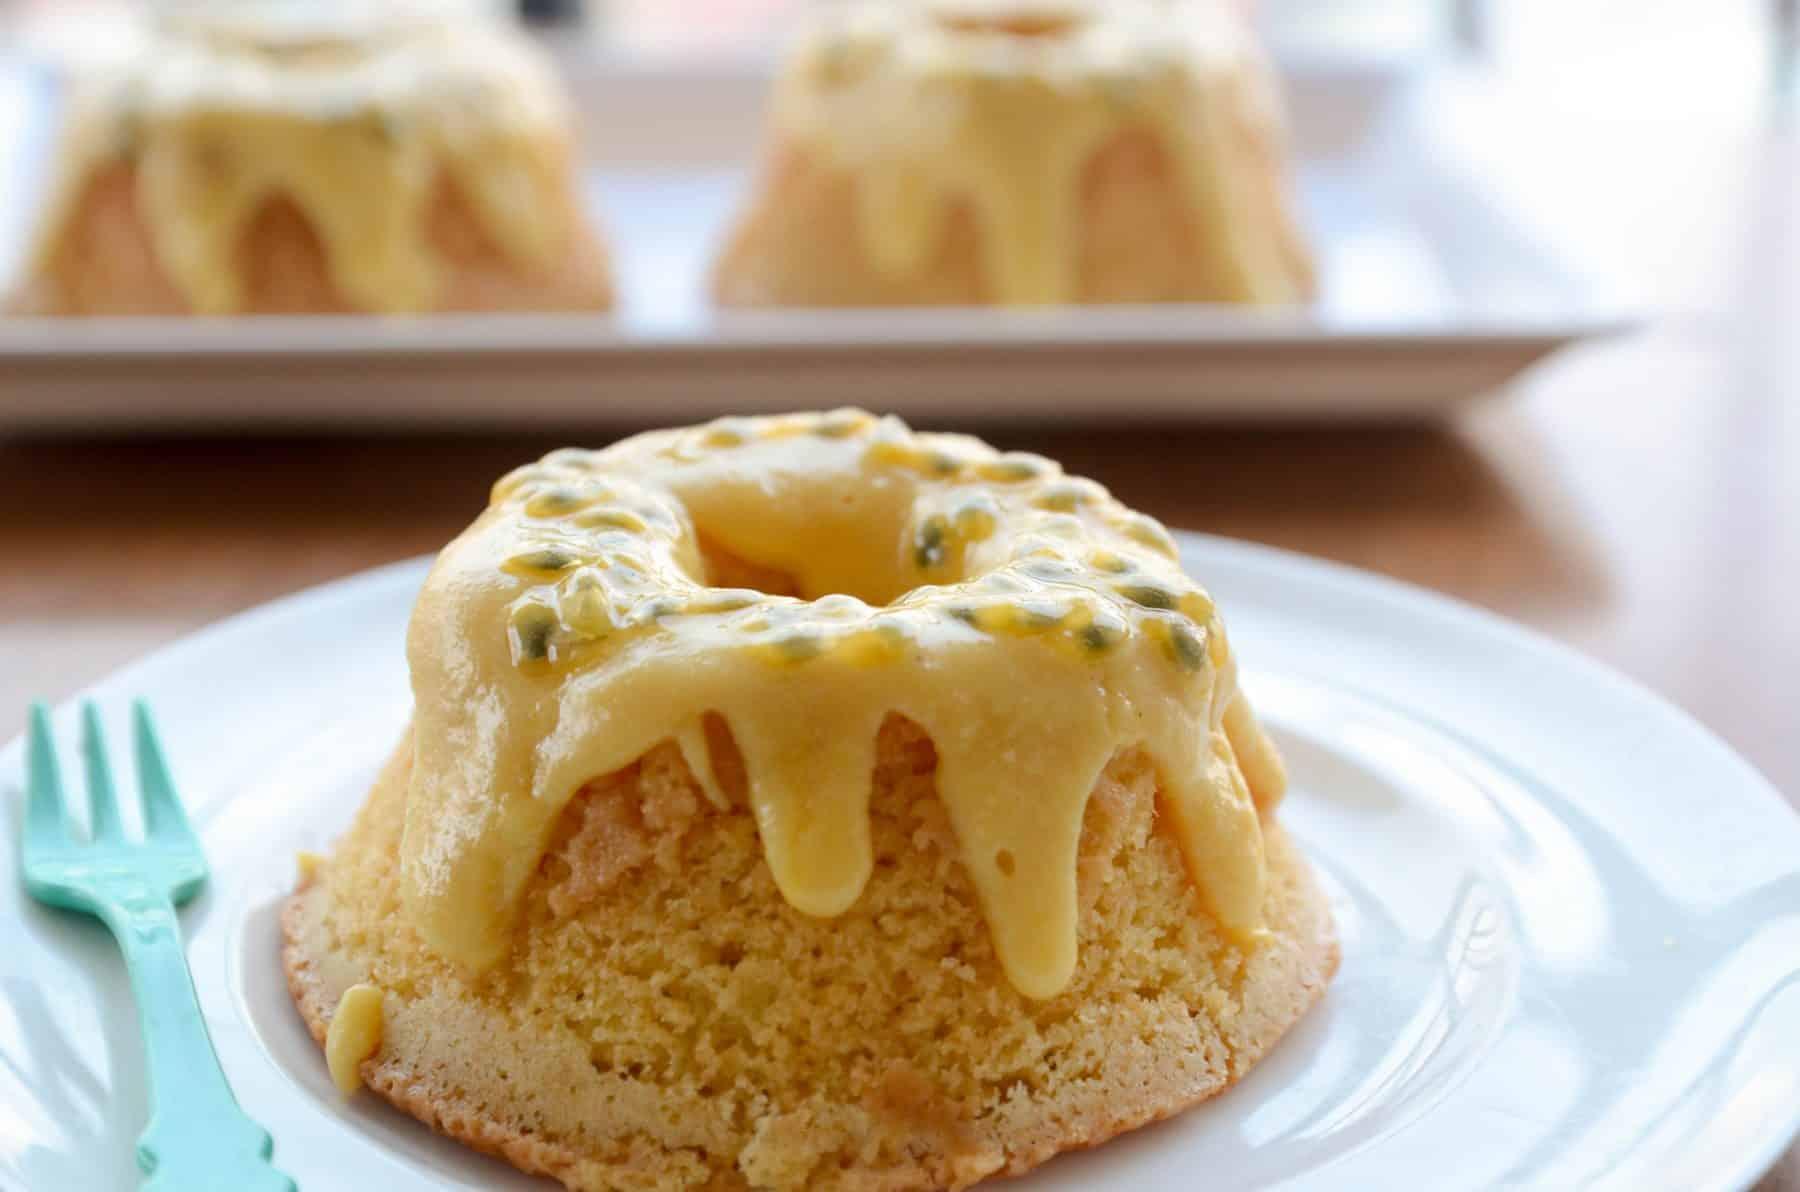 Receita de bolo fofinho e manteigado de maracujá com cobertura de leite condensado e maracujá